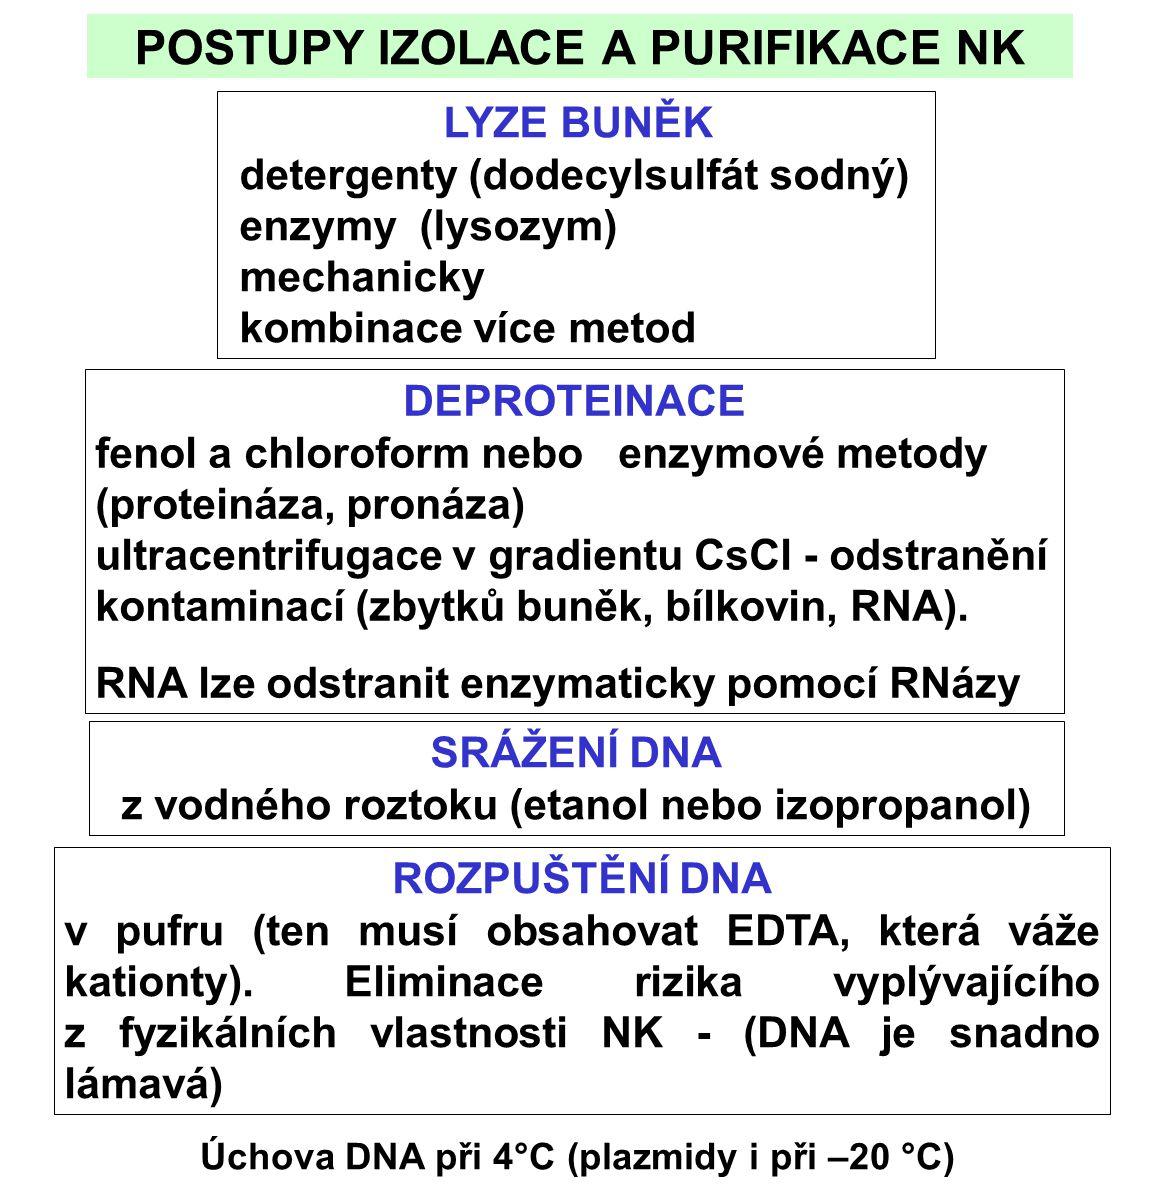 POSTUPY IZOLACE A PURIFIKACE NK LYZE BUNĚK detergenty (dodecylsulfát sodný) enzymy (lysozym) mechanicky kombinace více metod DEPROTEINACE fenol a chloroform nebo enzymové metody (proteináza, pronáza) ultracentrifugace v gradientu CsCl - odstranění kontaminací (zbytků buněk, bílkovin, RNA).